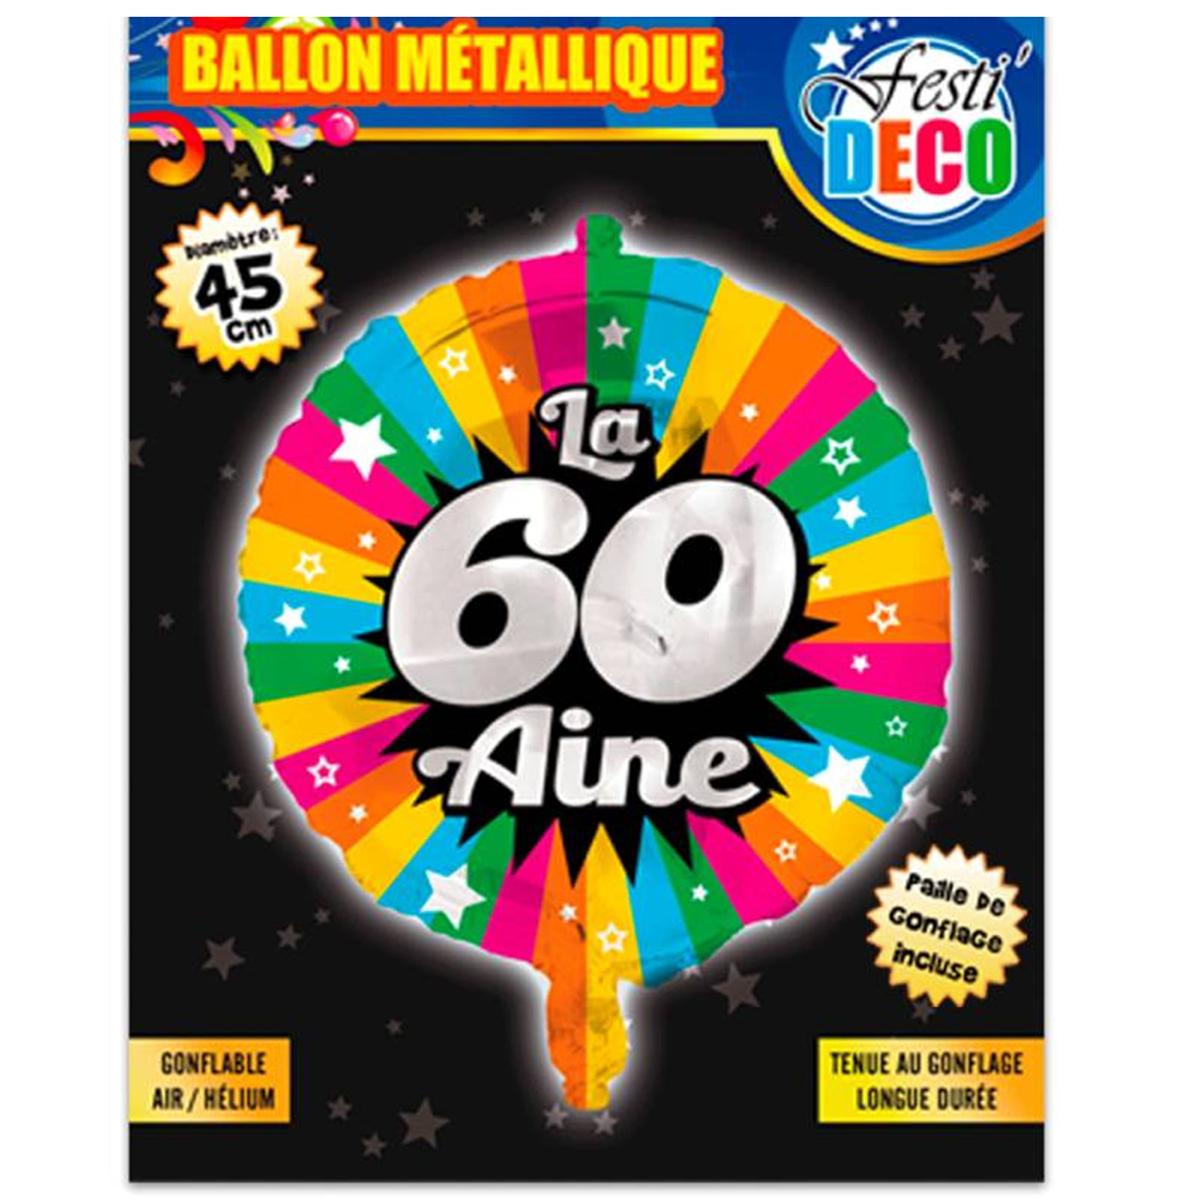 Ballon métallique \'60 ans\' tutti frutti - 45 cm - [P5356]